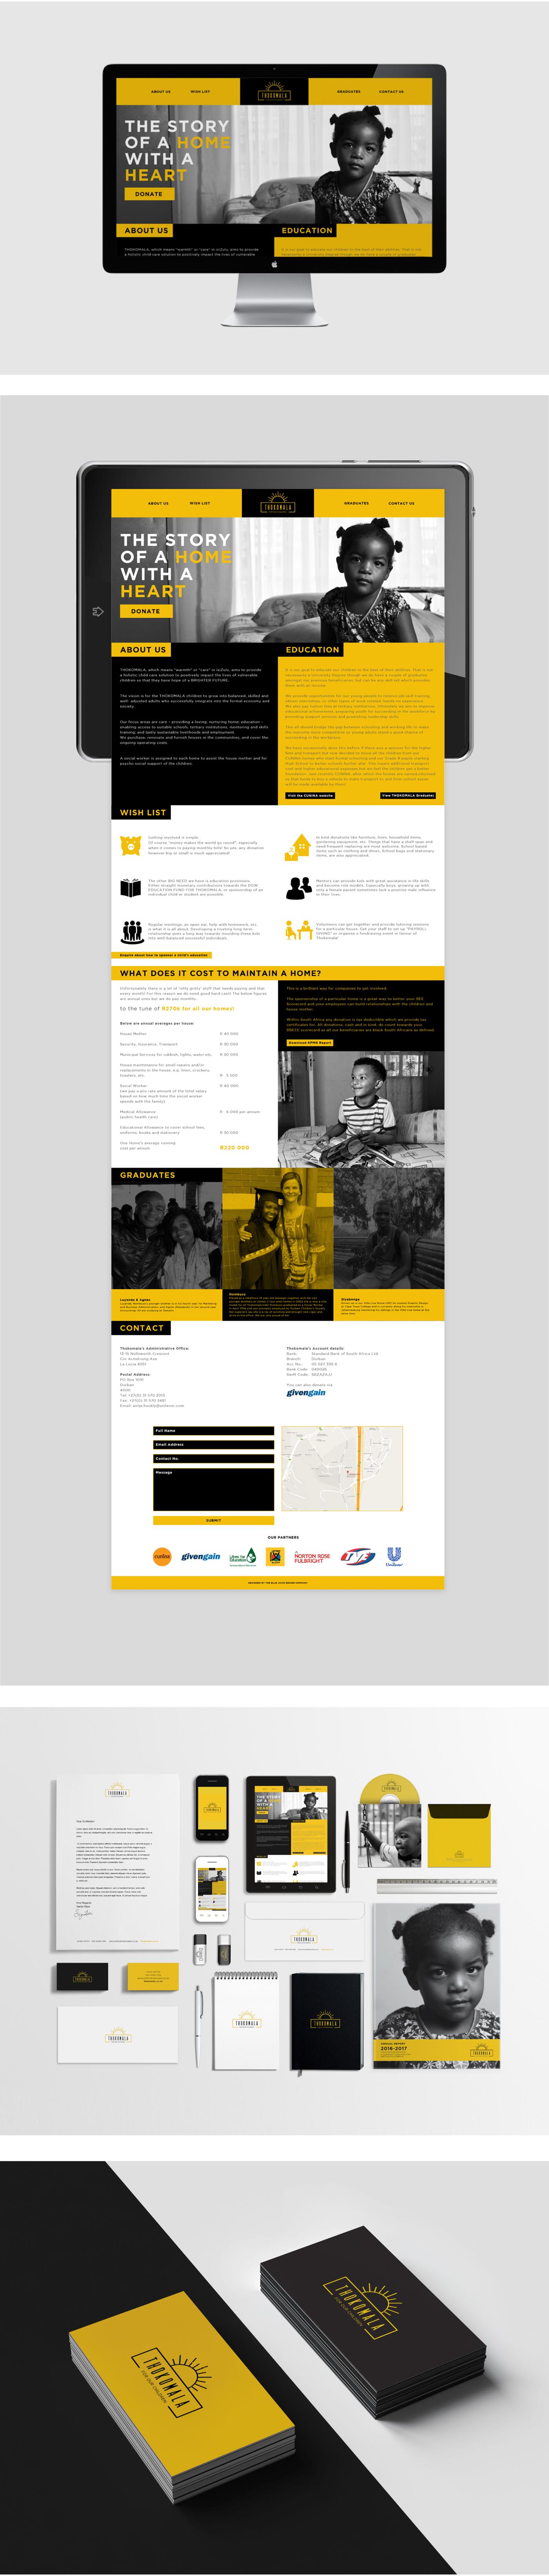 thokomala orphancare Rebrand NGO communications Website corporateidentity logo Photography  VehicleBranding